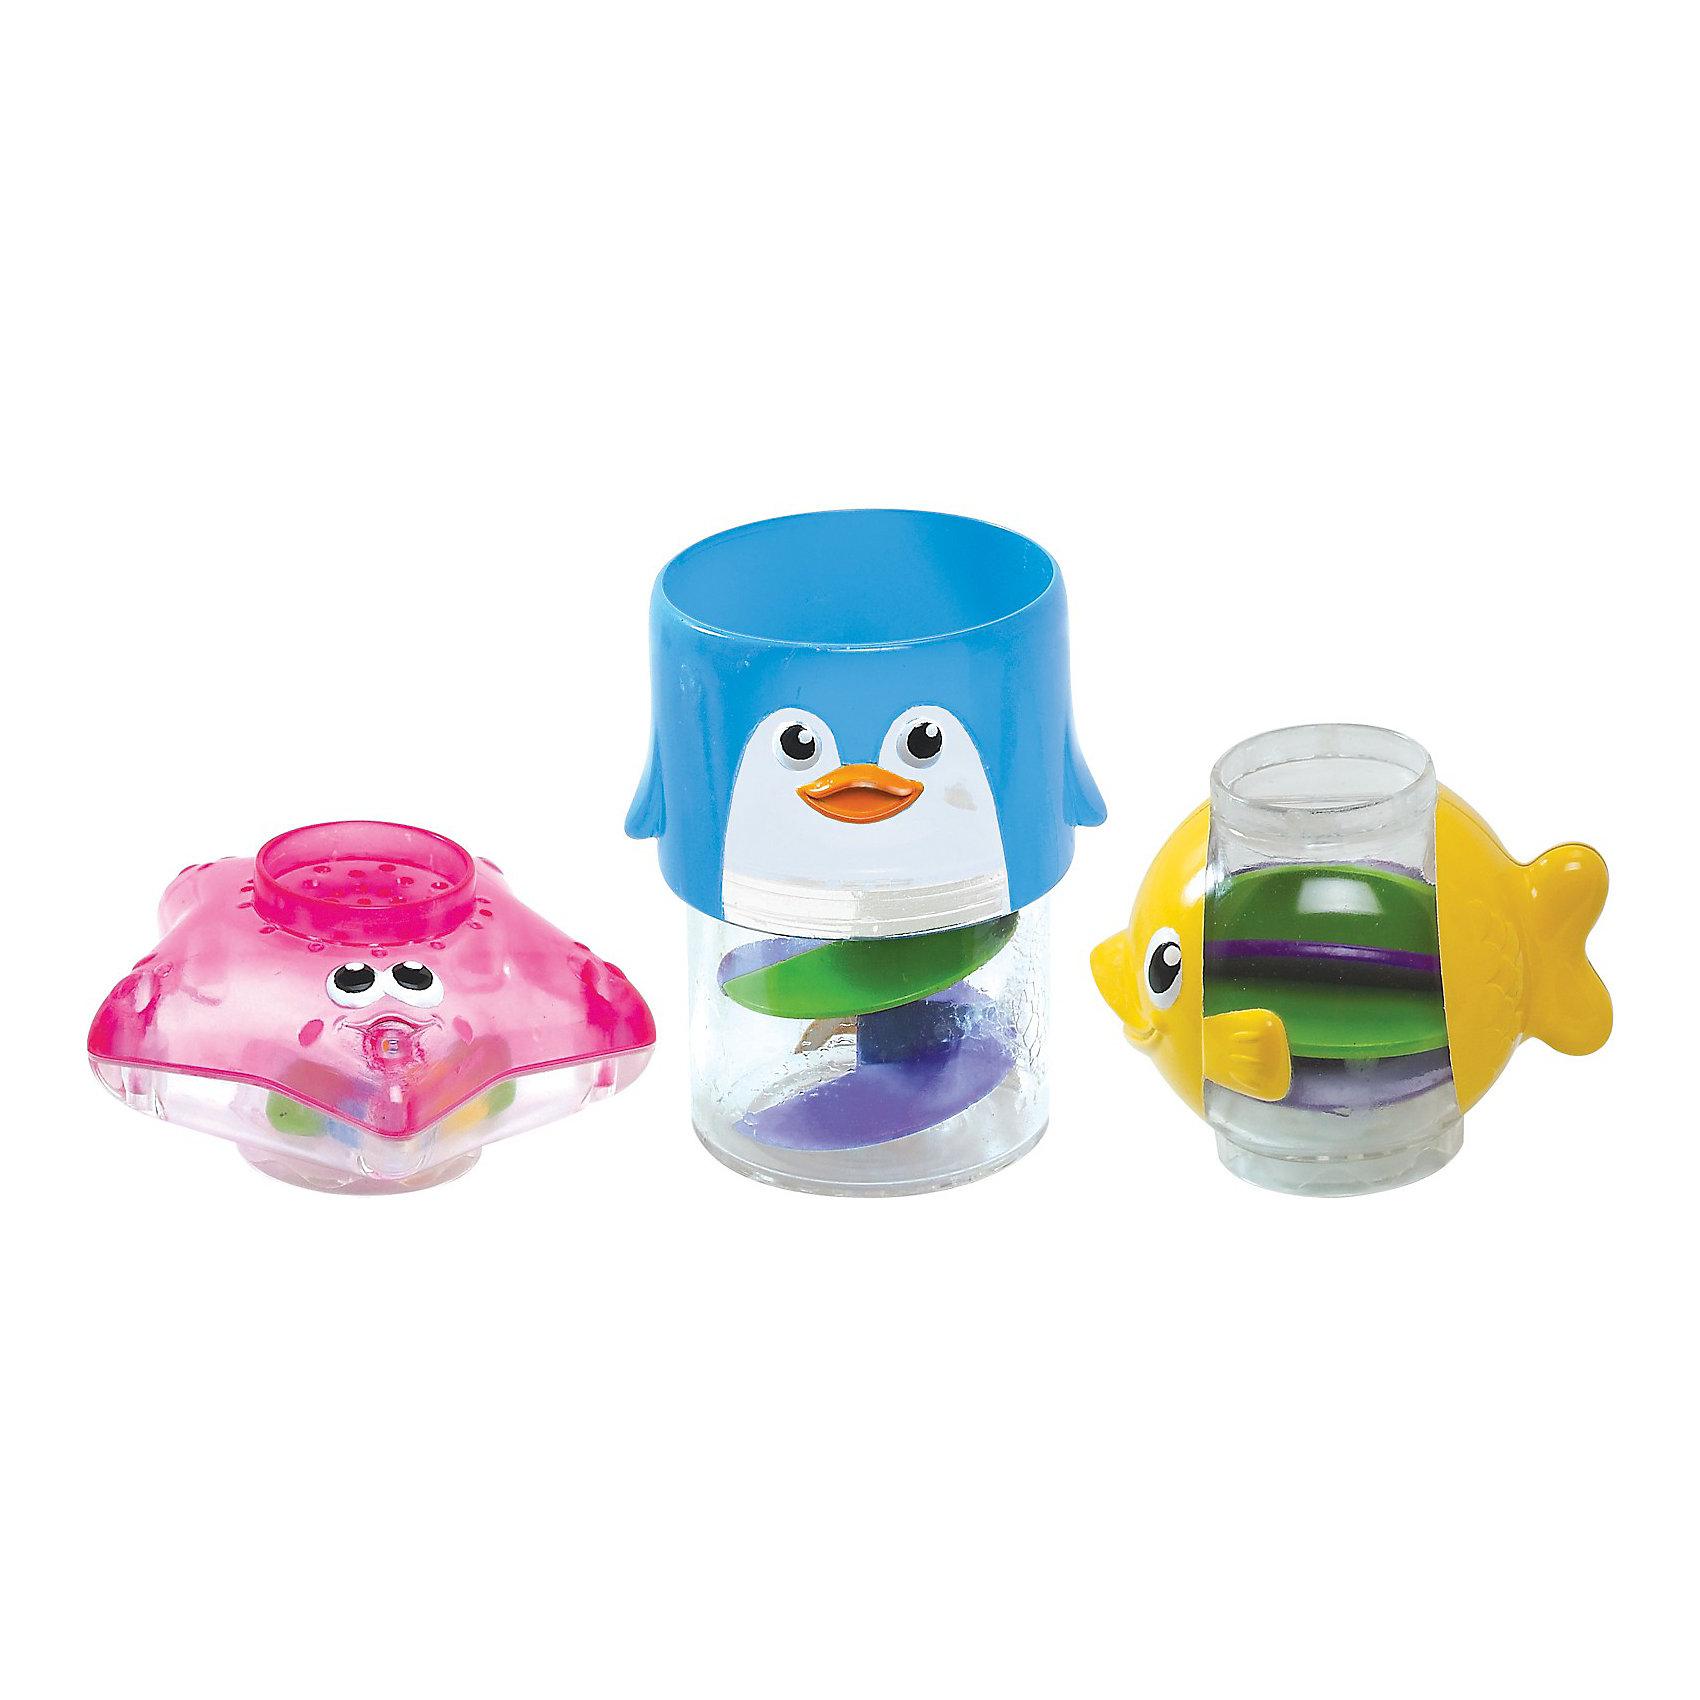 Игрушки для ванной Пирамидка 3 в1 от 6мес., Munchkin от myToys